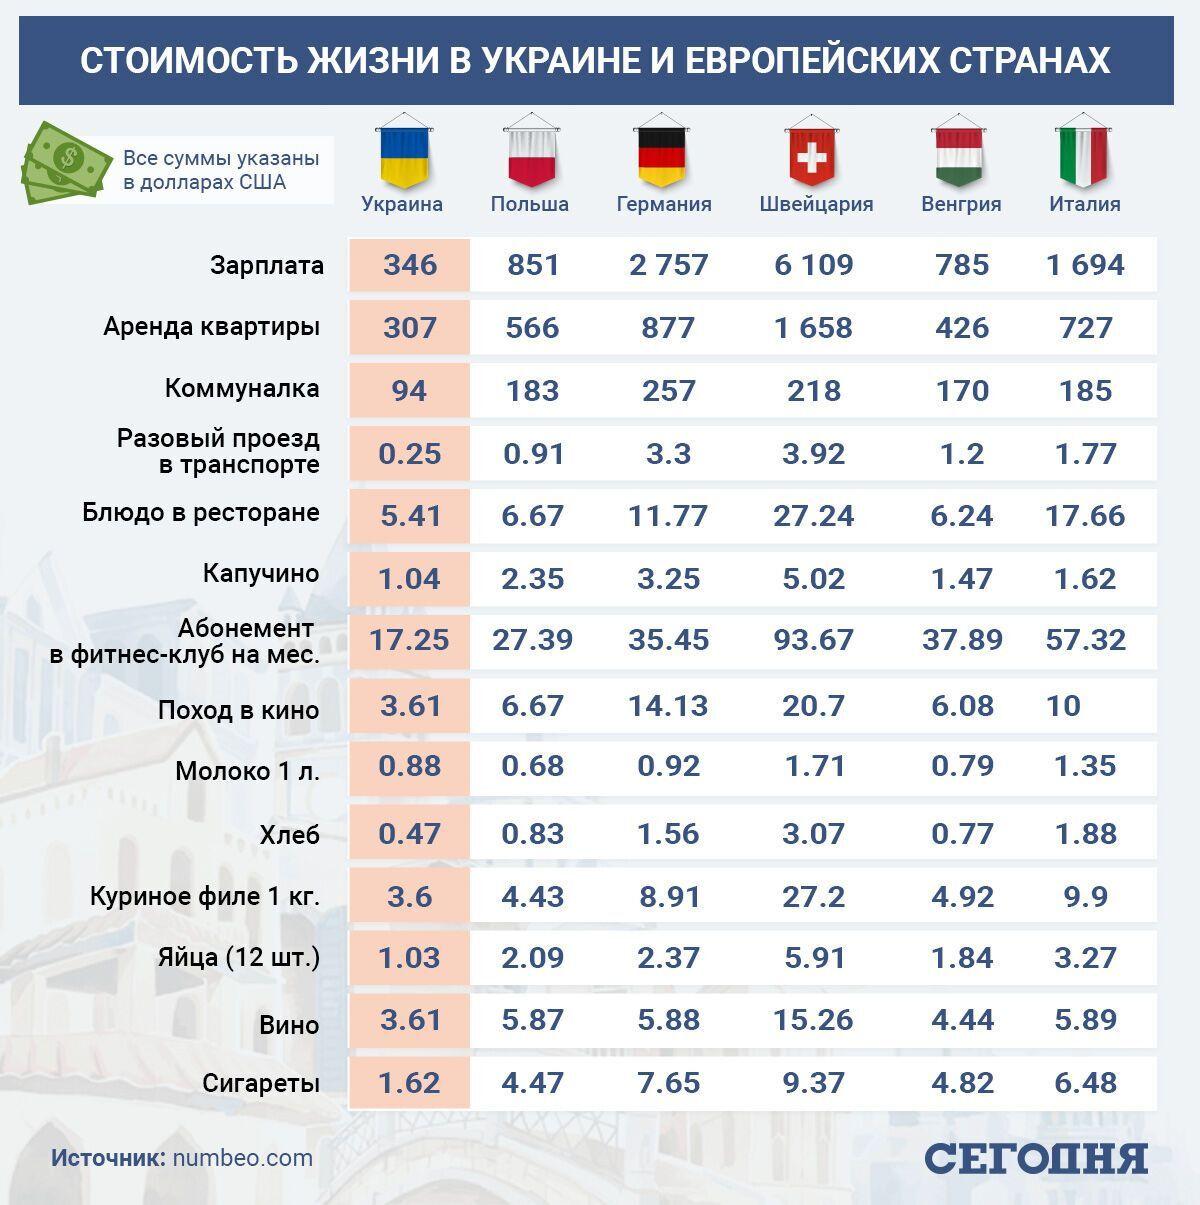 Ціни в Україні та країнах Європи